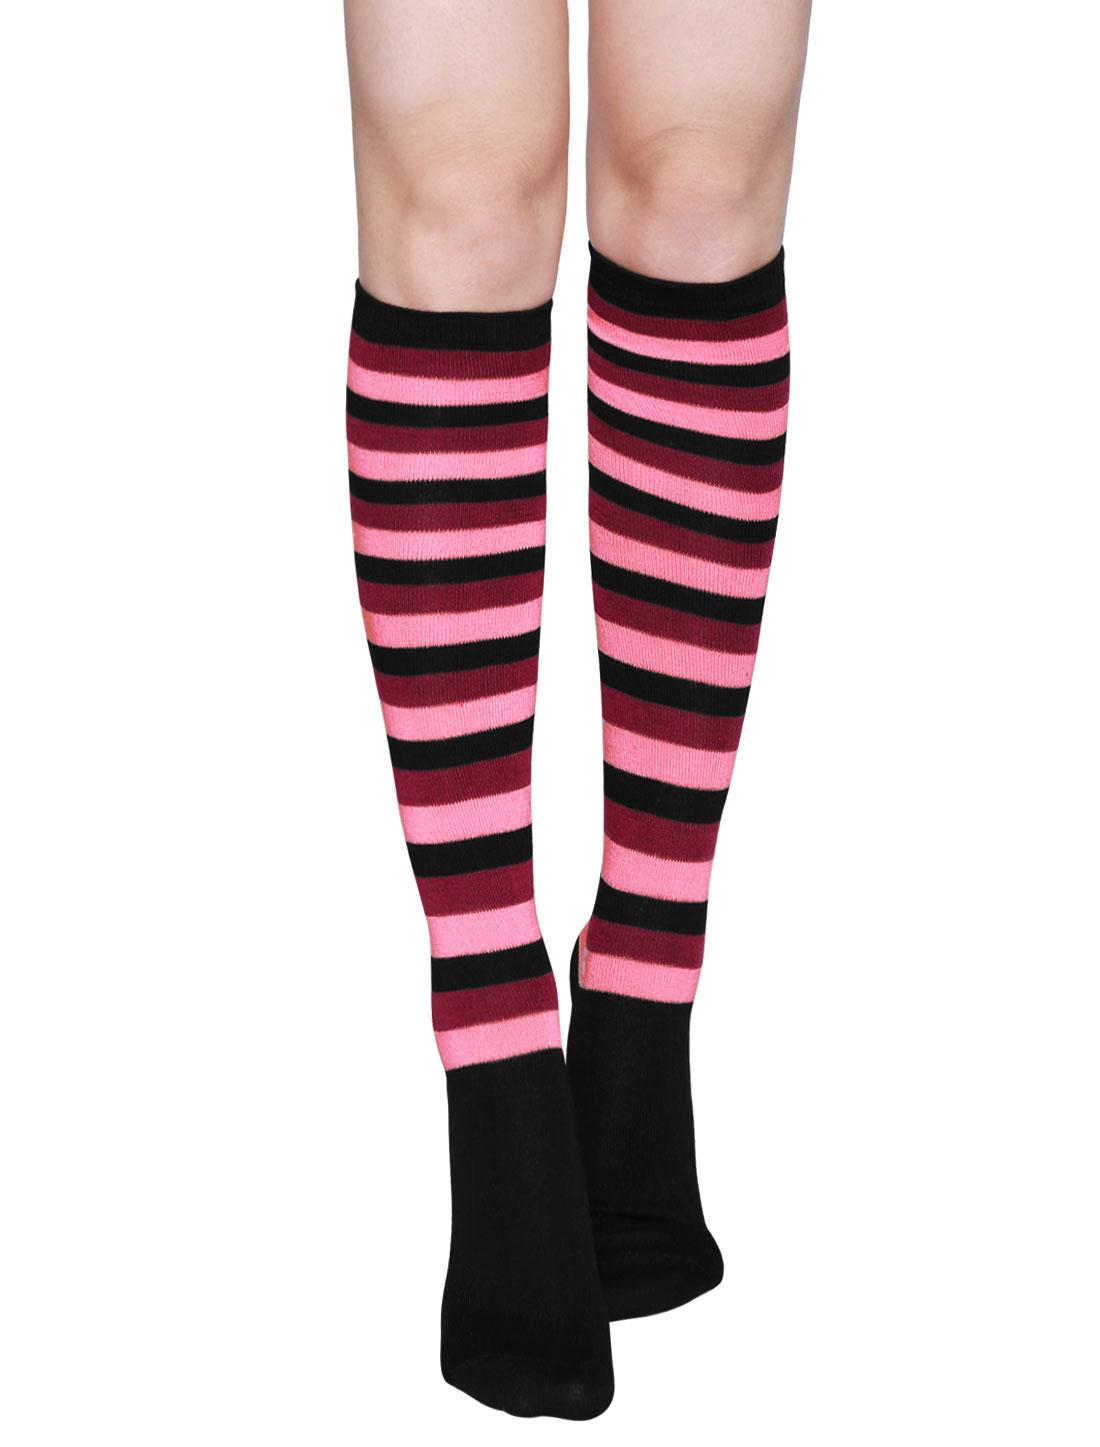 Ladies Stripes Contrast Color Knee High Socks Pair Red